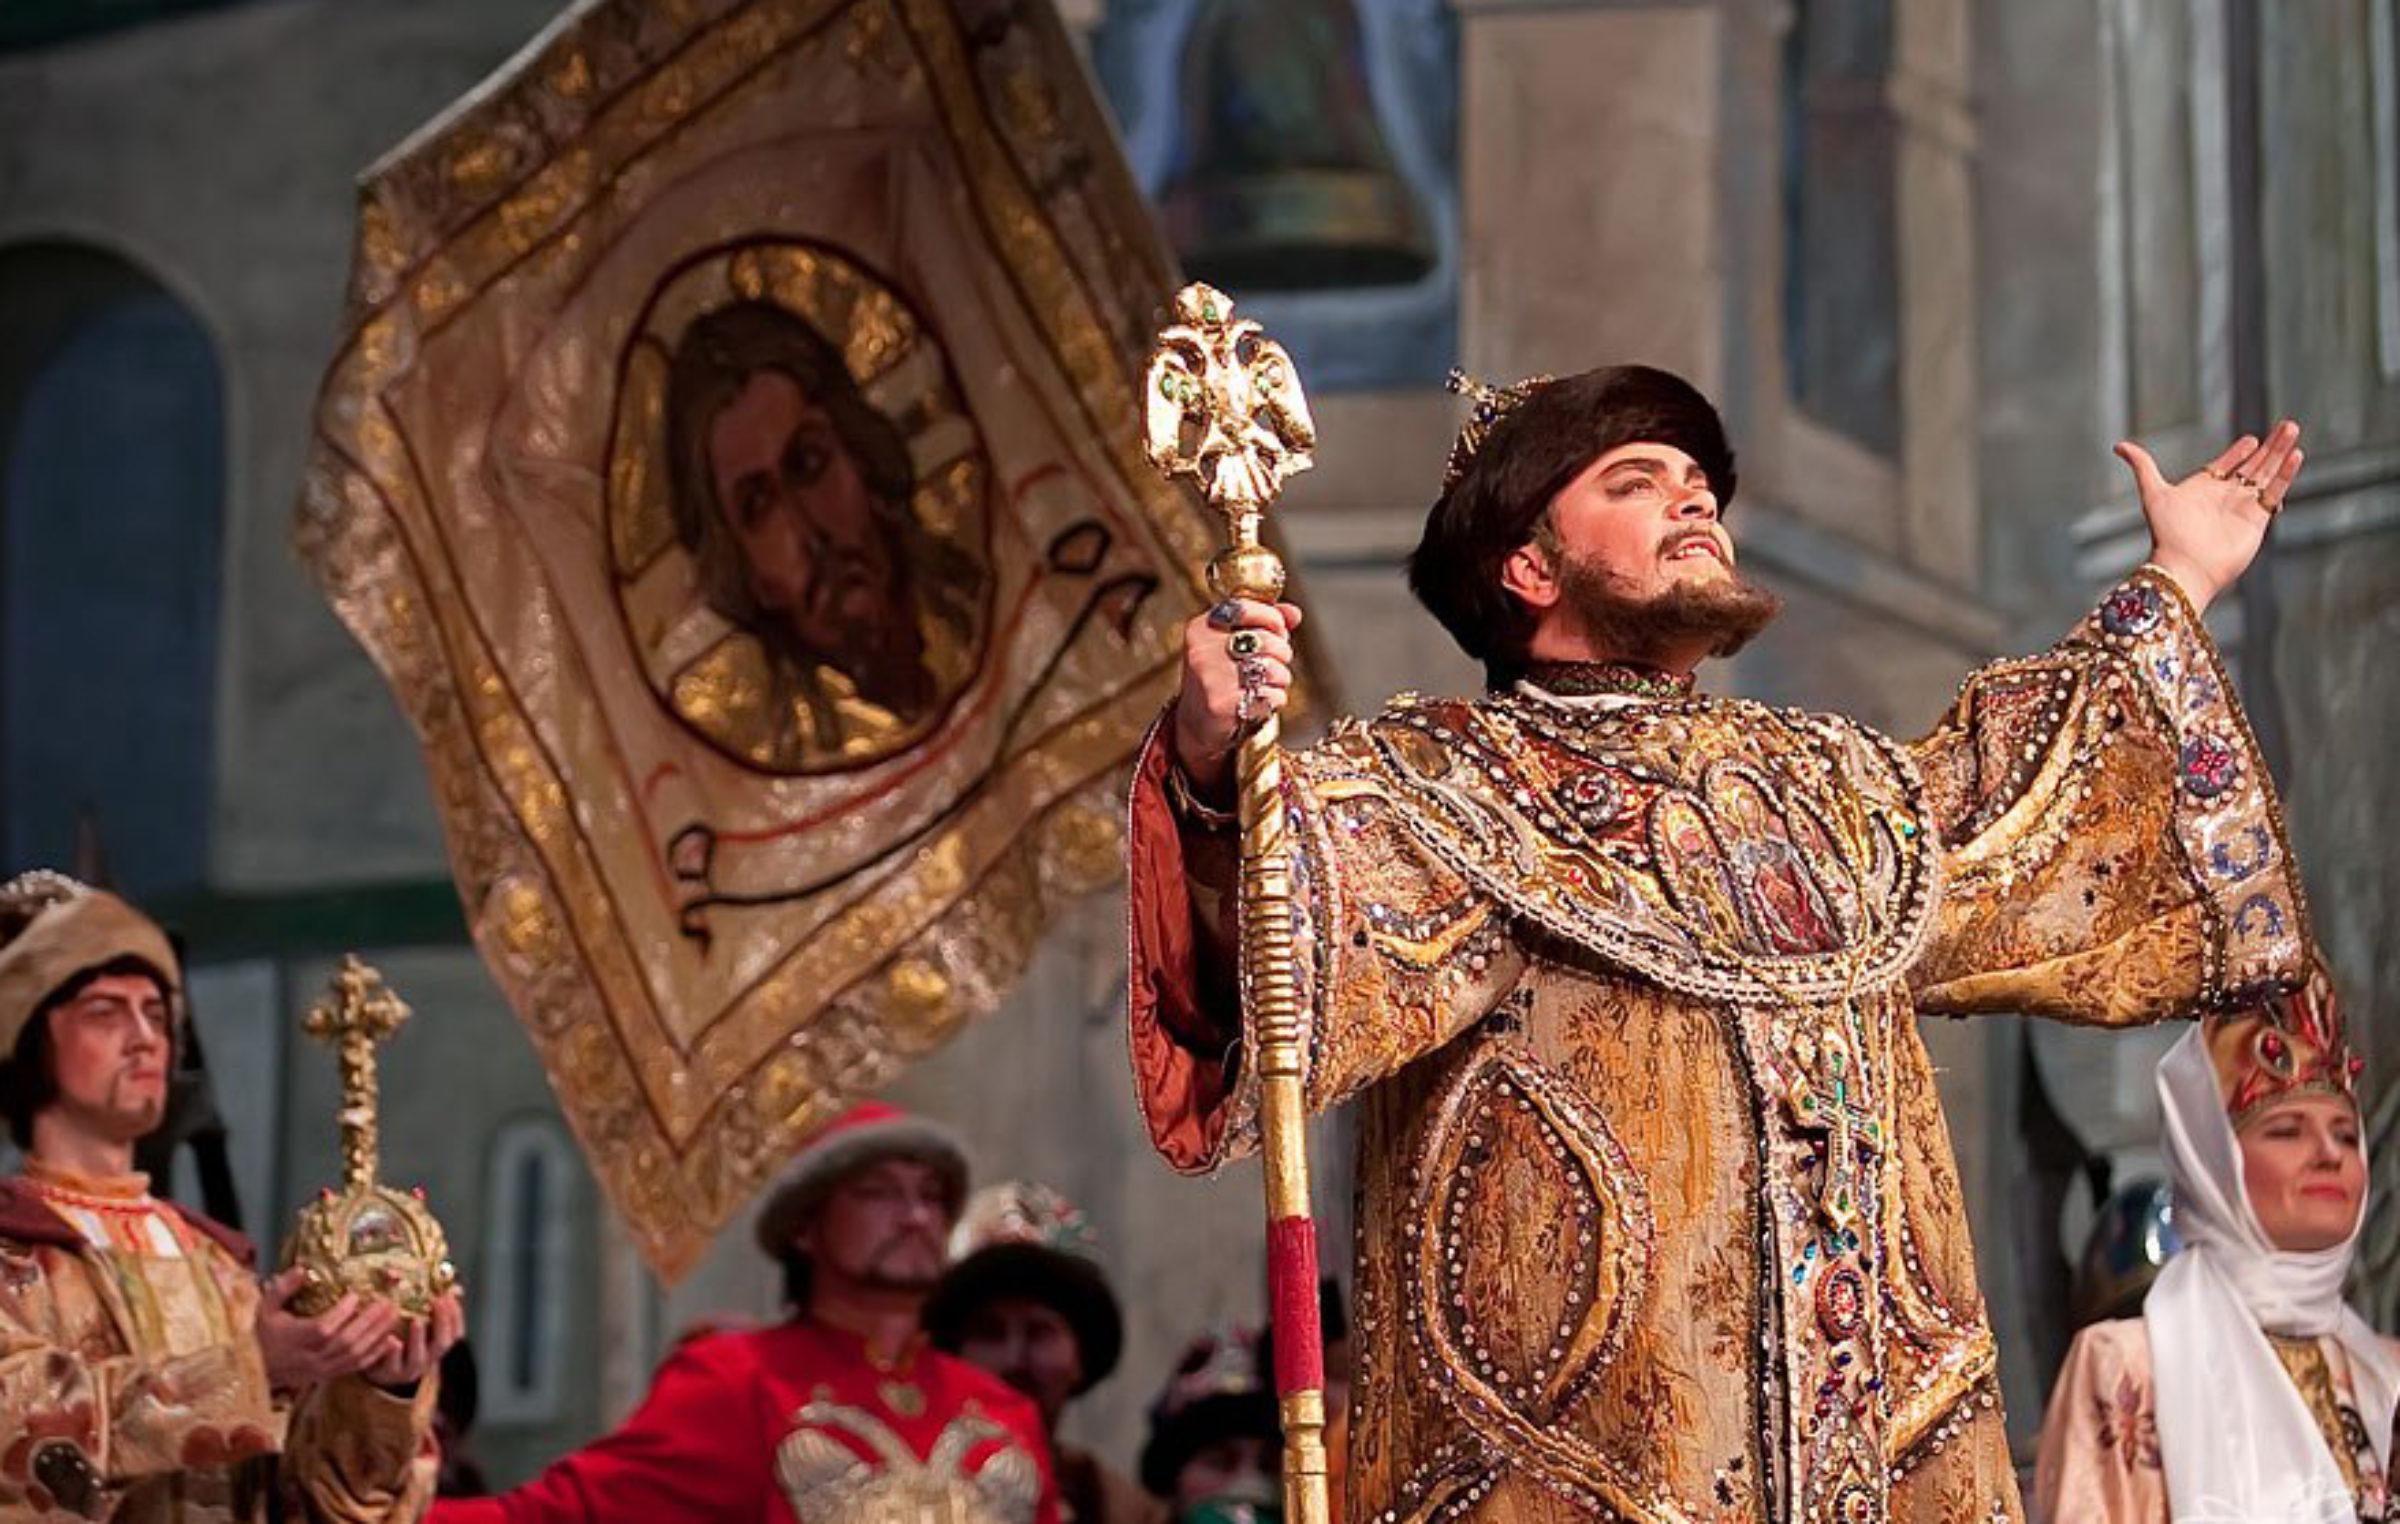 Культурный вторник: что российские театры покажут онлайн  7 апреля